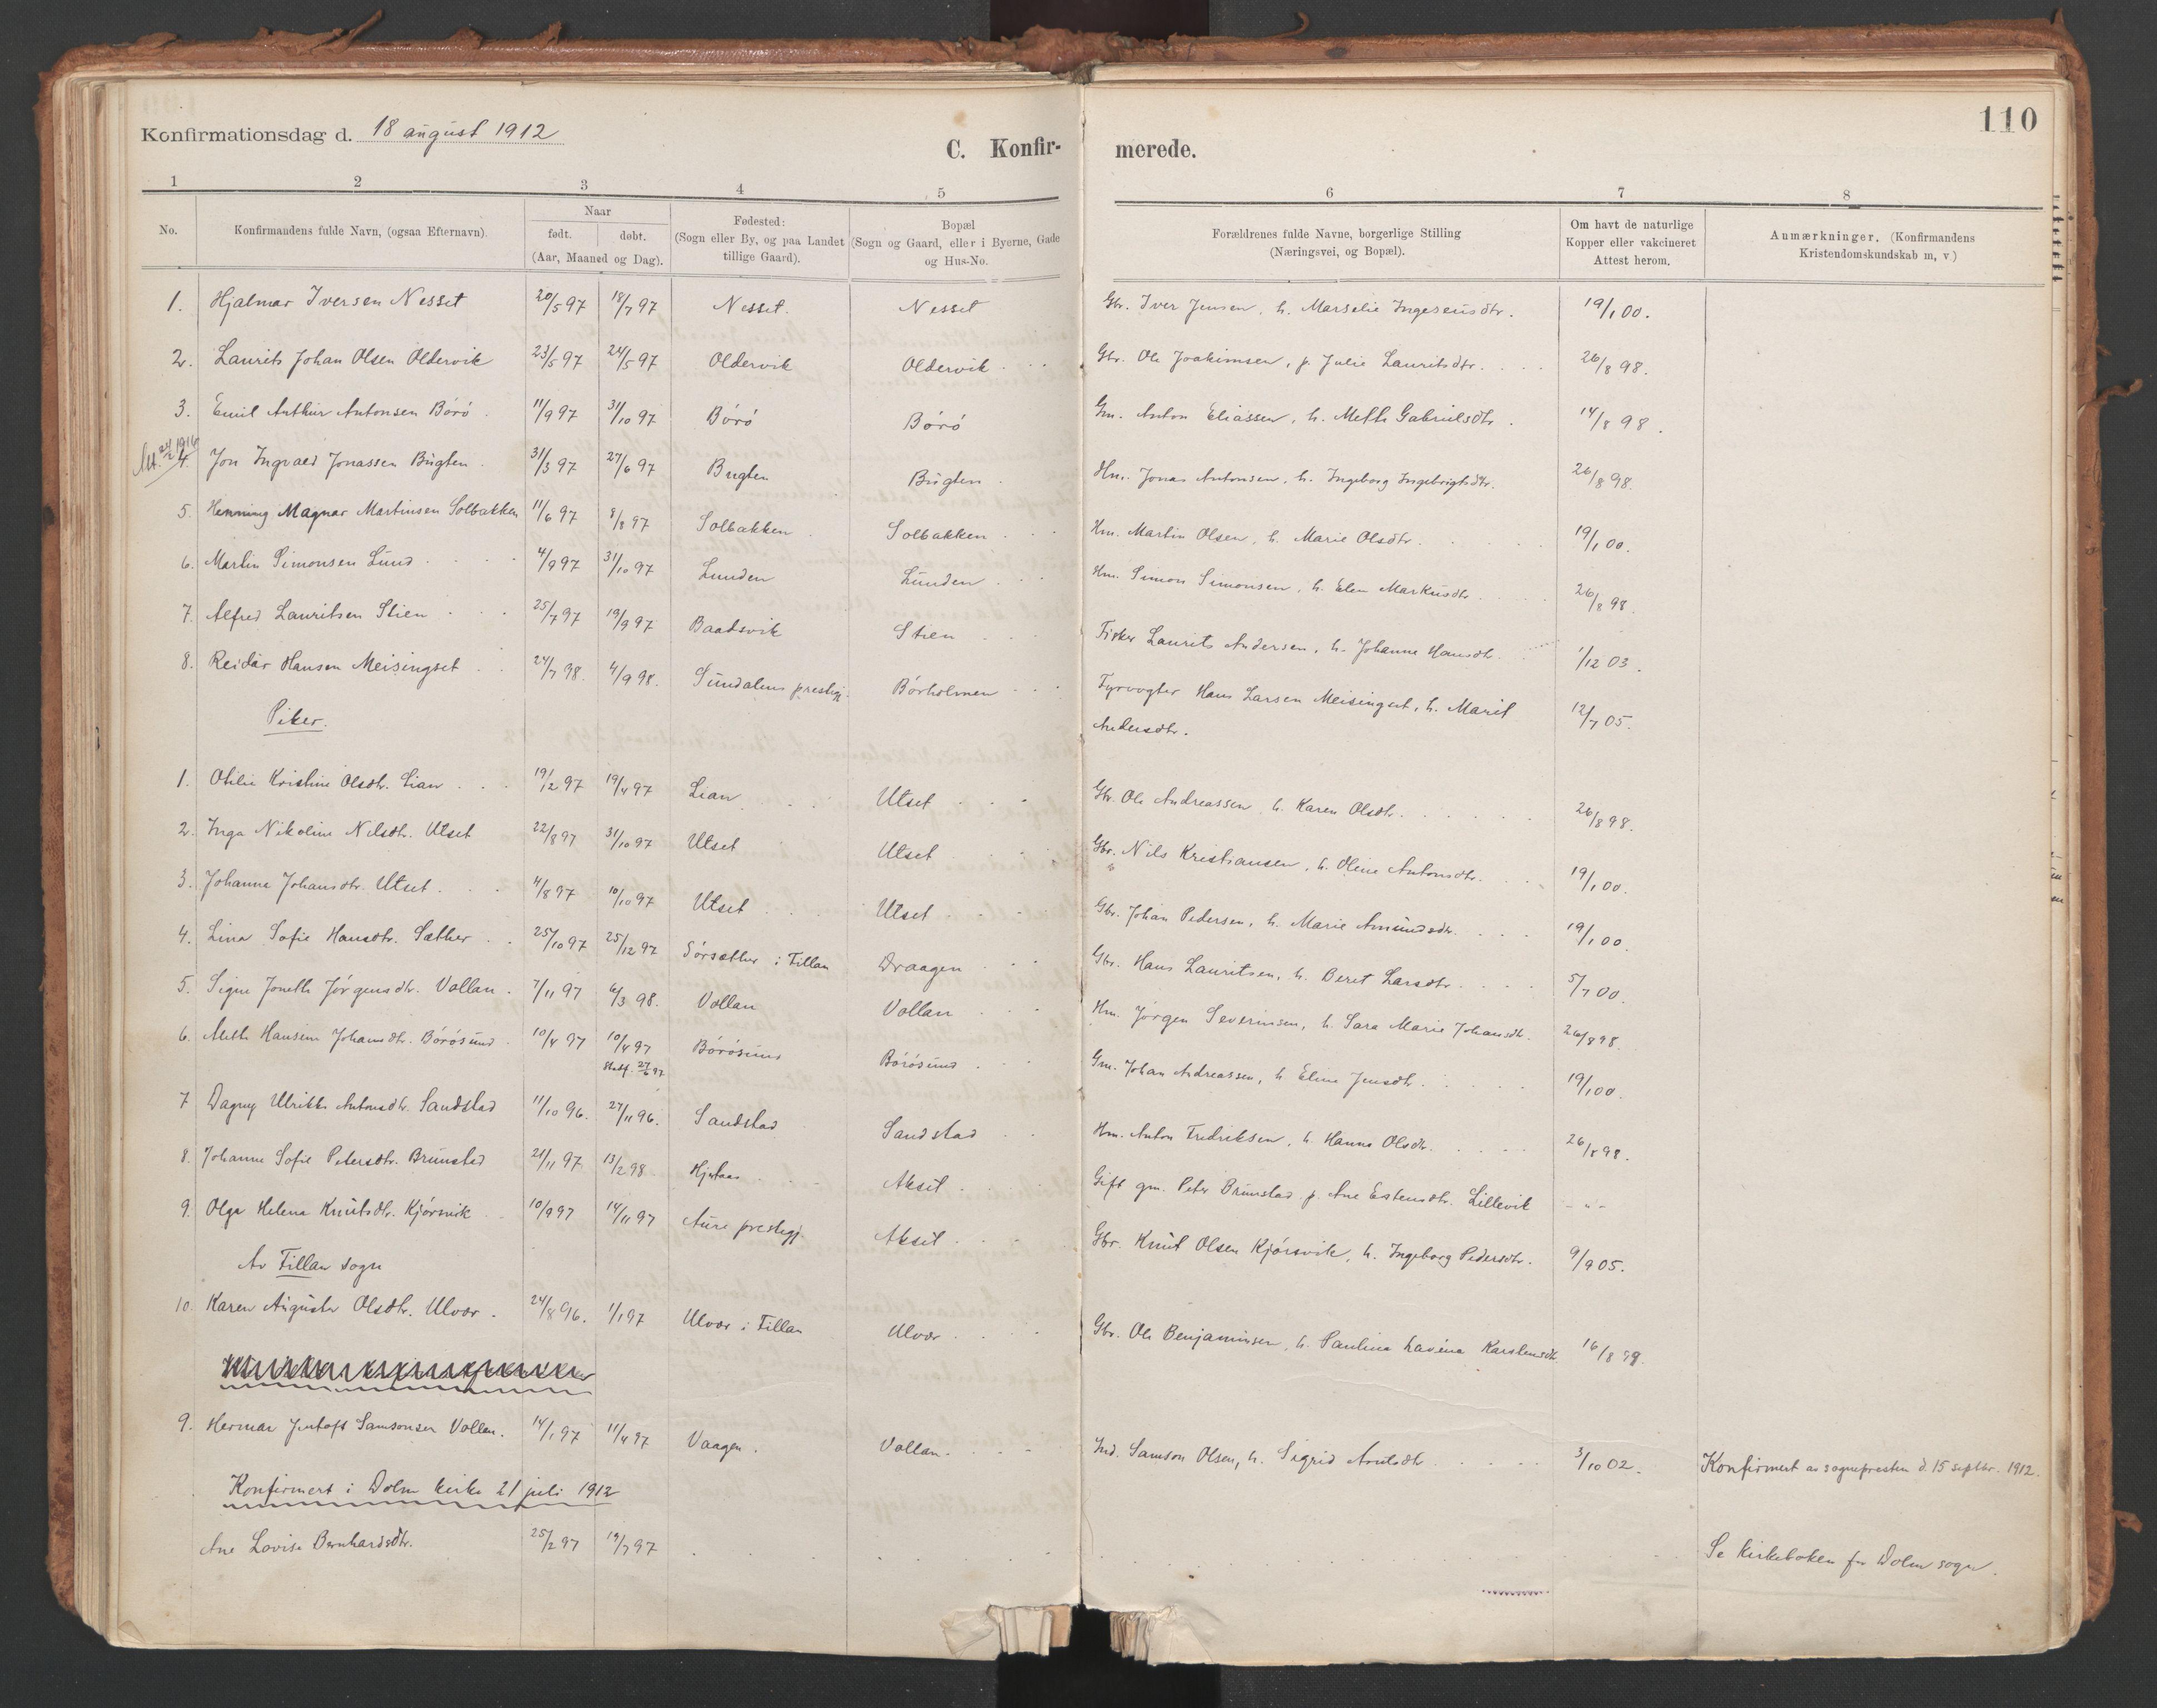 SAT, Ministerialprotokoller, klokkerbøker og fødselsregistre - Sør-Trøndelag, 639/L0572: Ministerialbok nr. 639A01, 1890-1920, s. 110